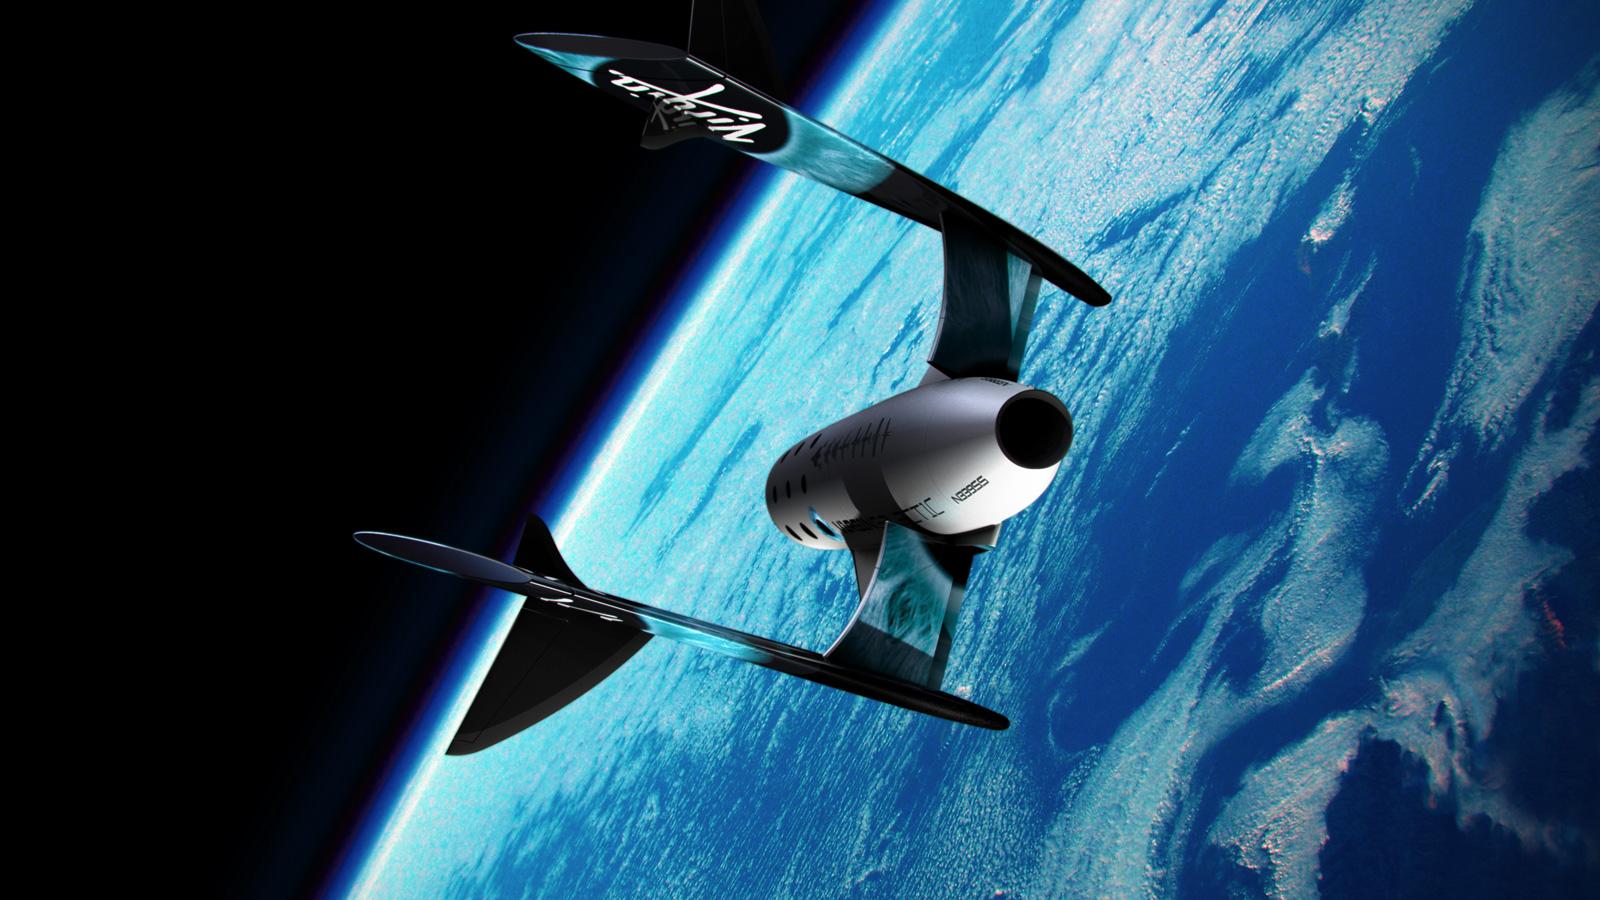 A Peek at Virgin Galactic's Spacecraft